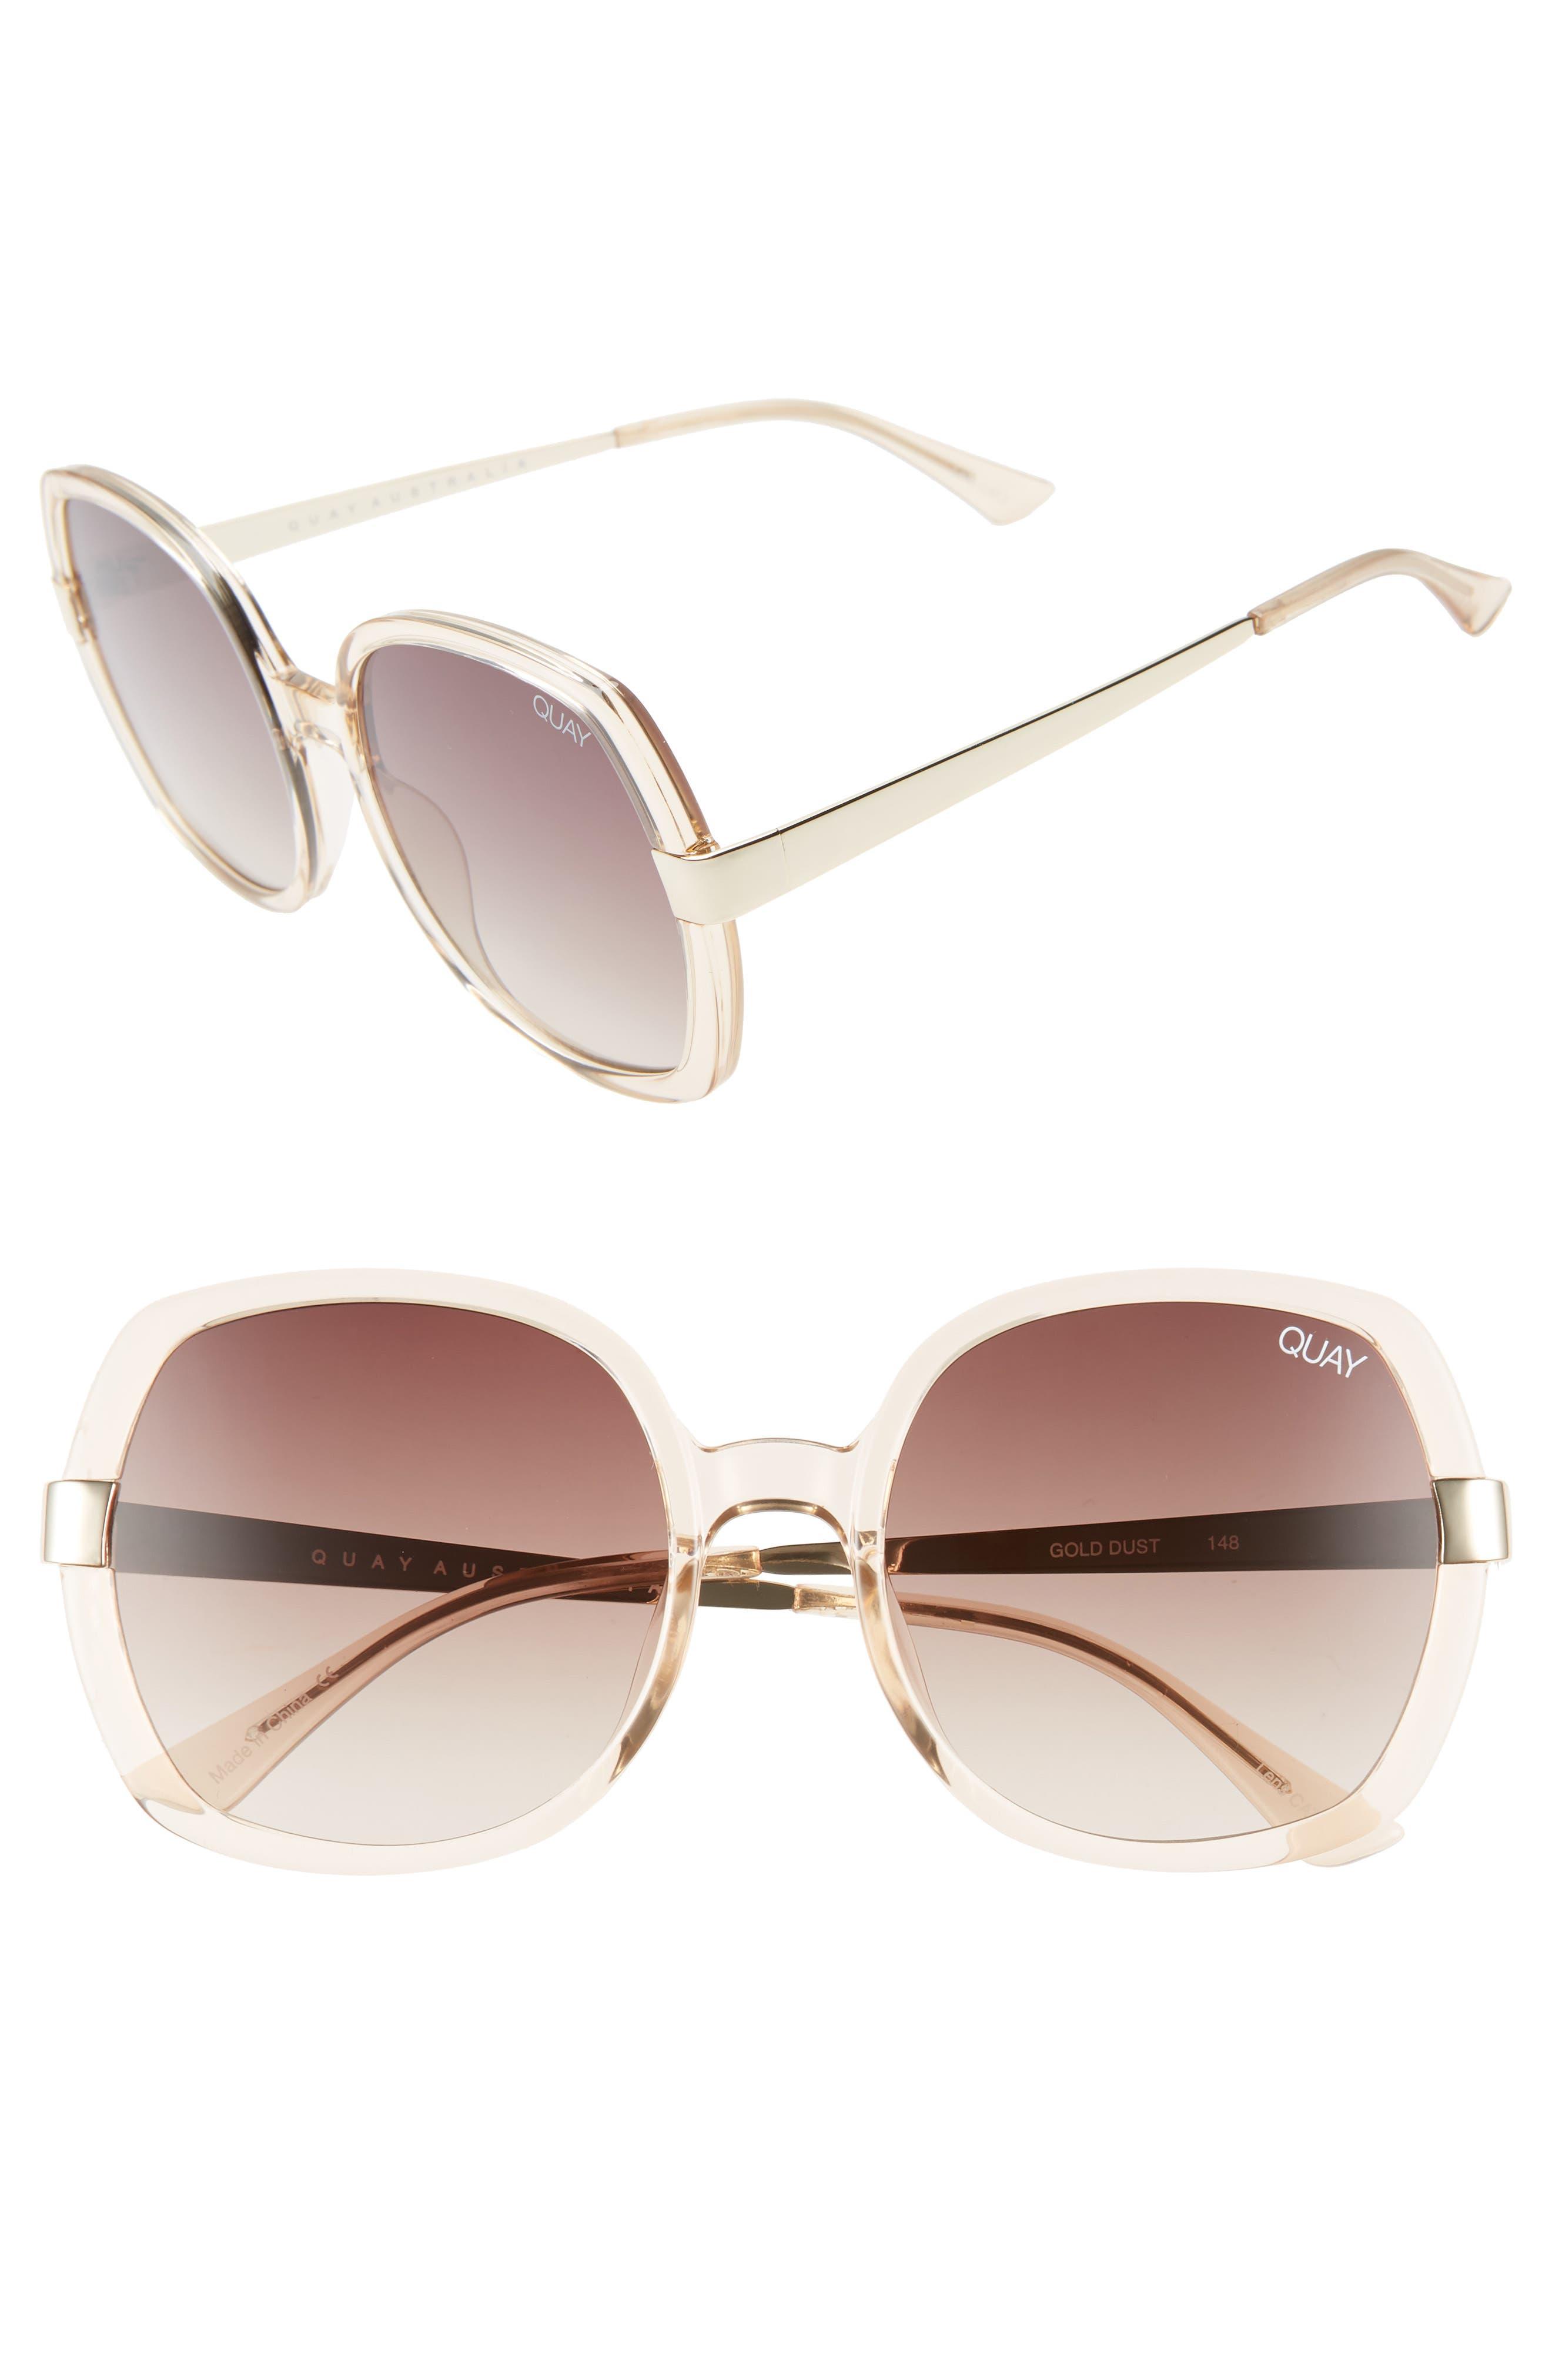 Quay Australia Gold Dust 55Mm Square Sunglasses - Champagne / Brown Fade